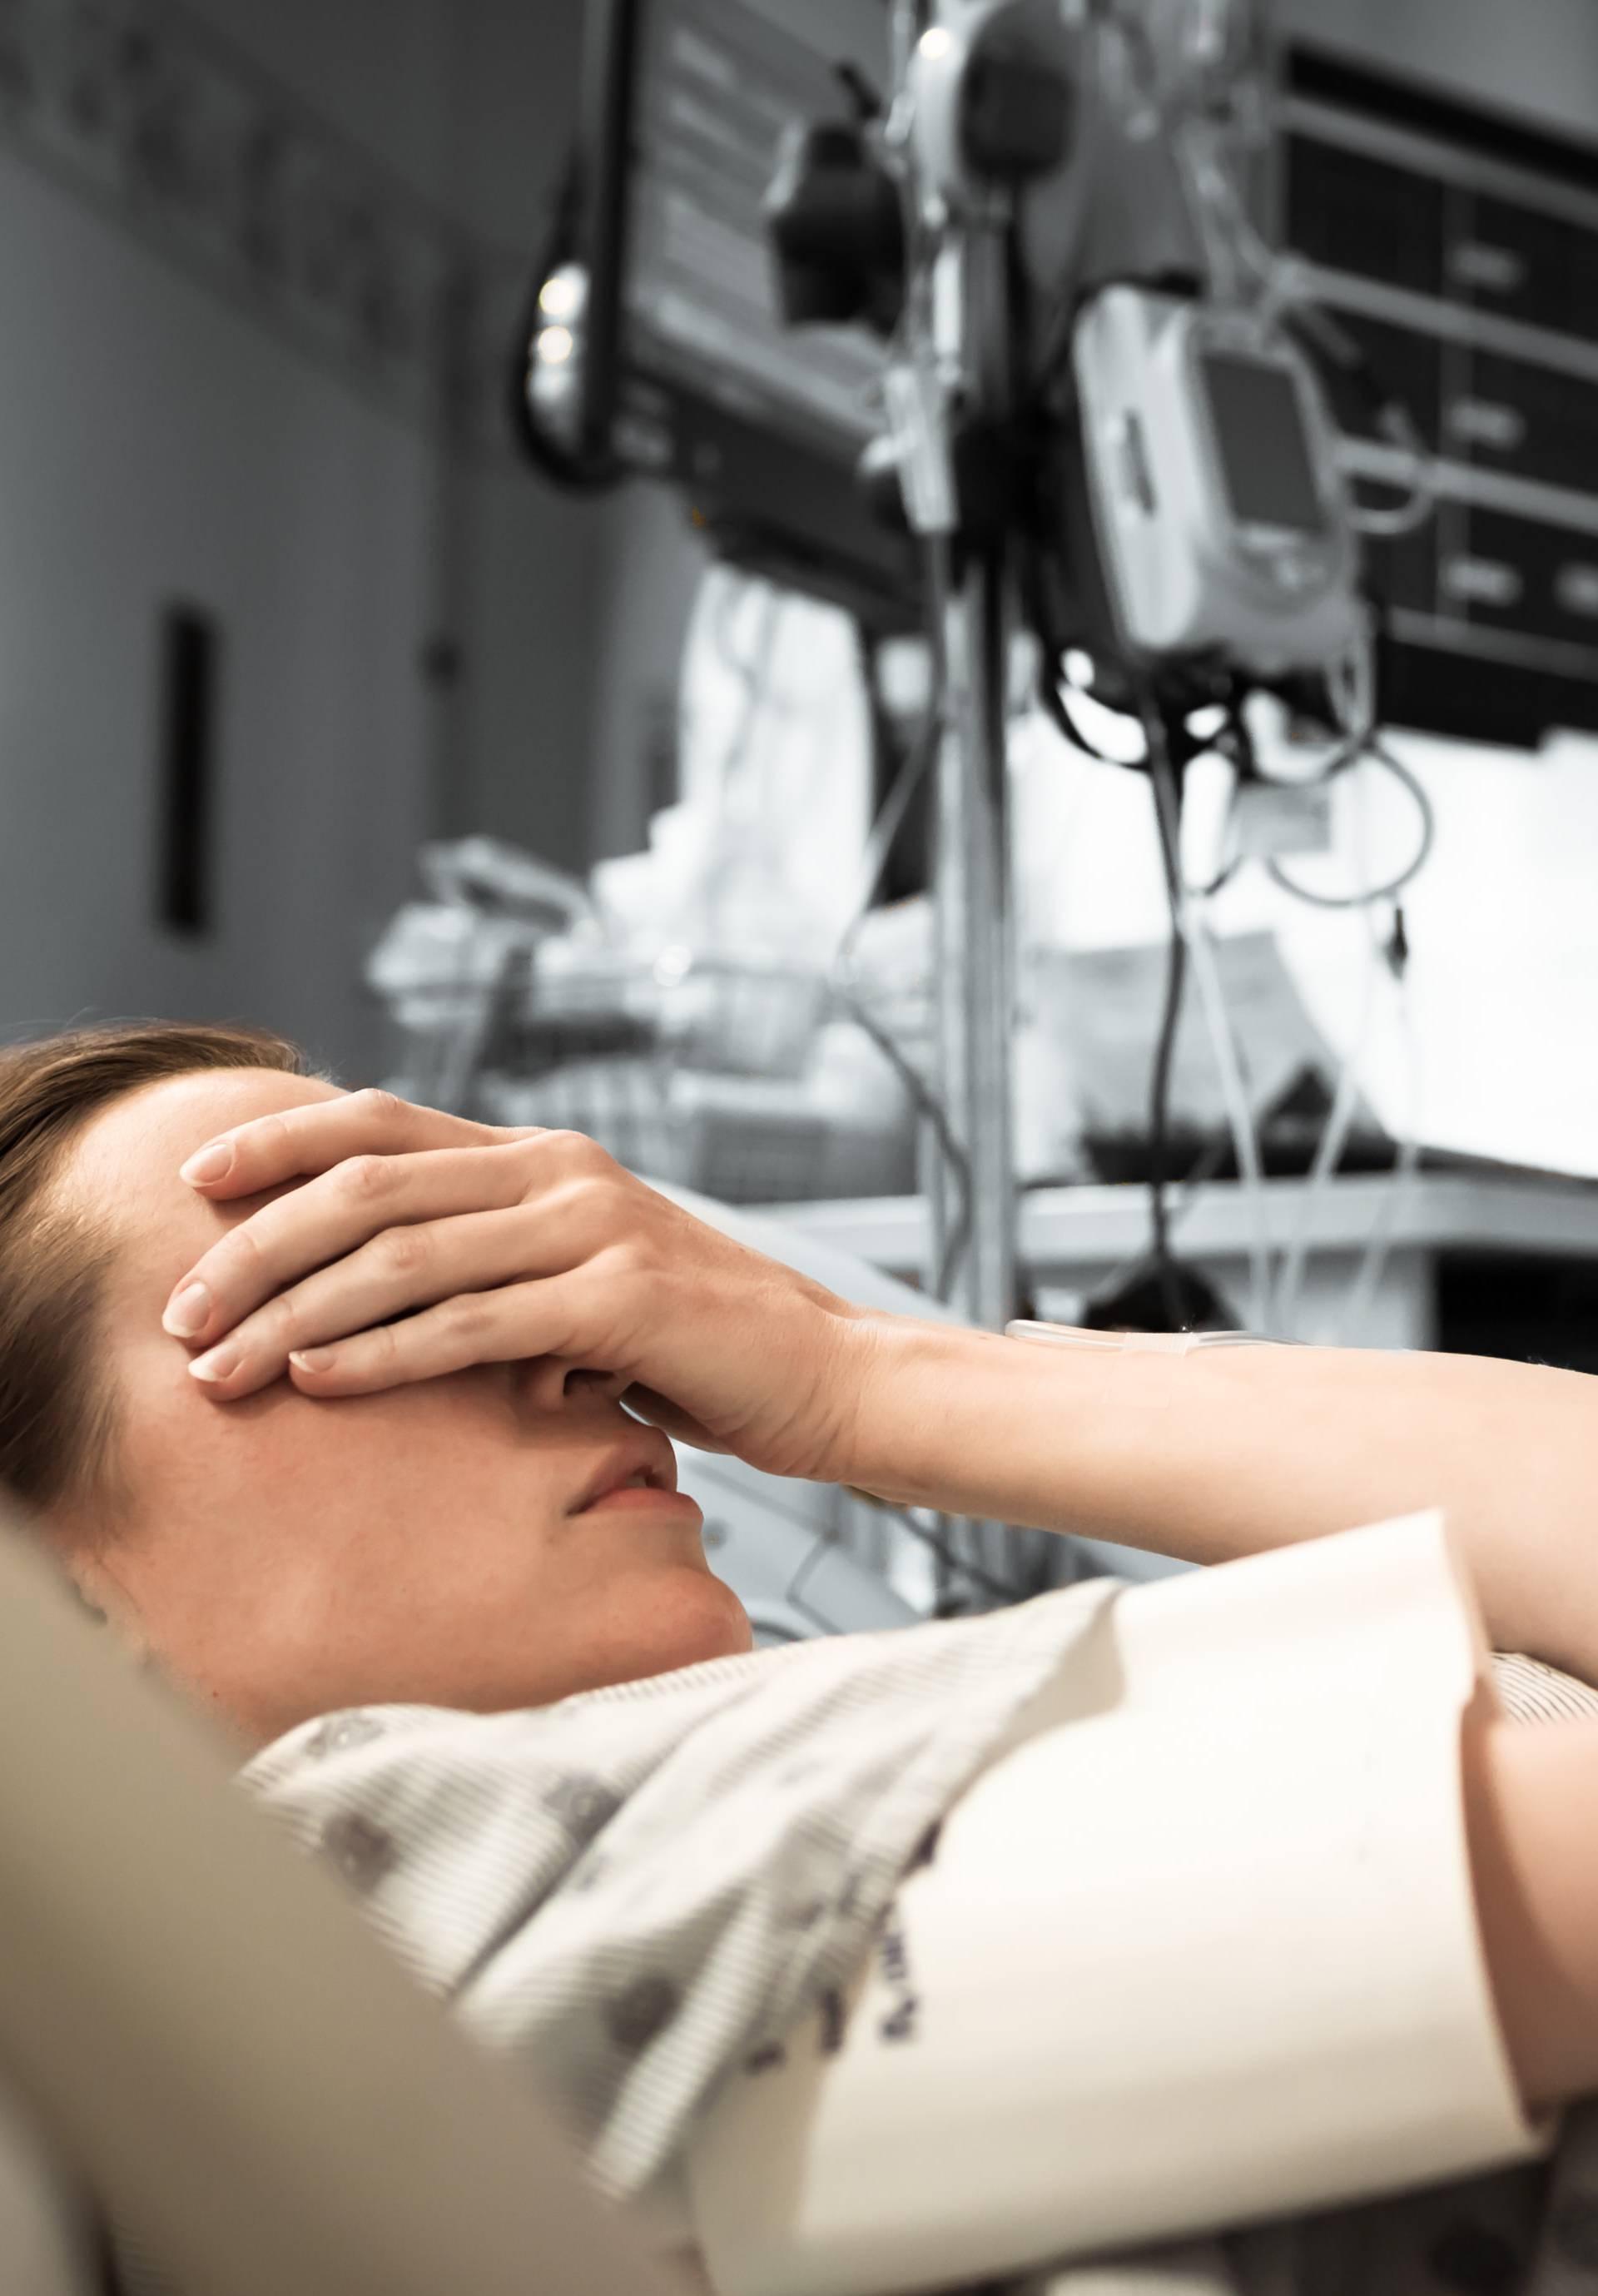 Stigma je velika: Većina žena će prešutjeti obitelji o pobačaju